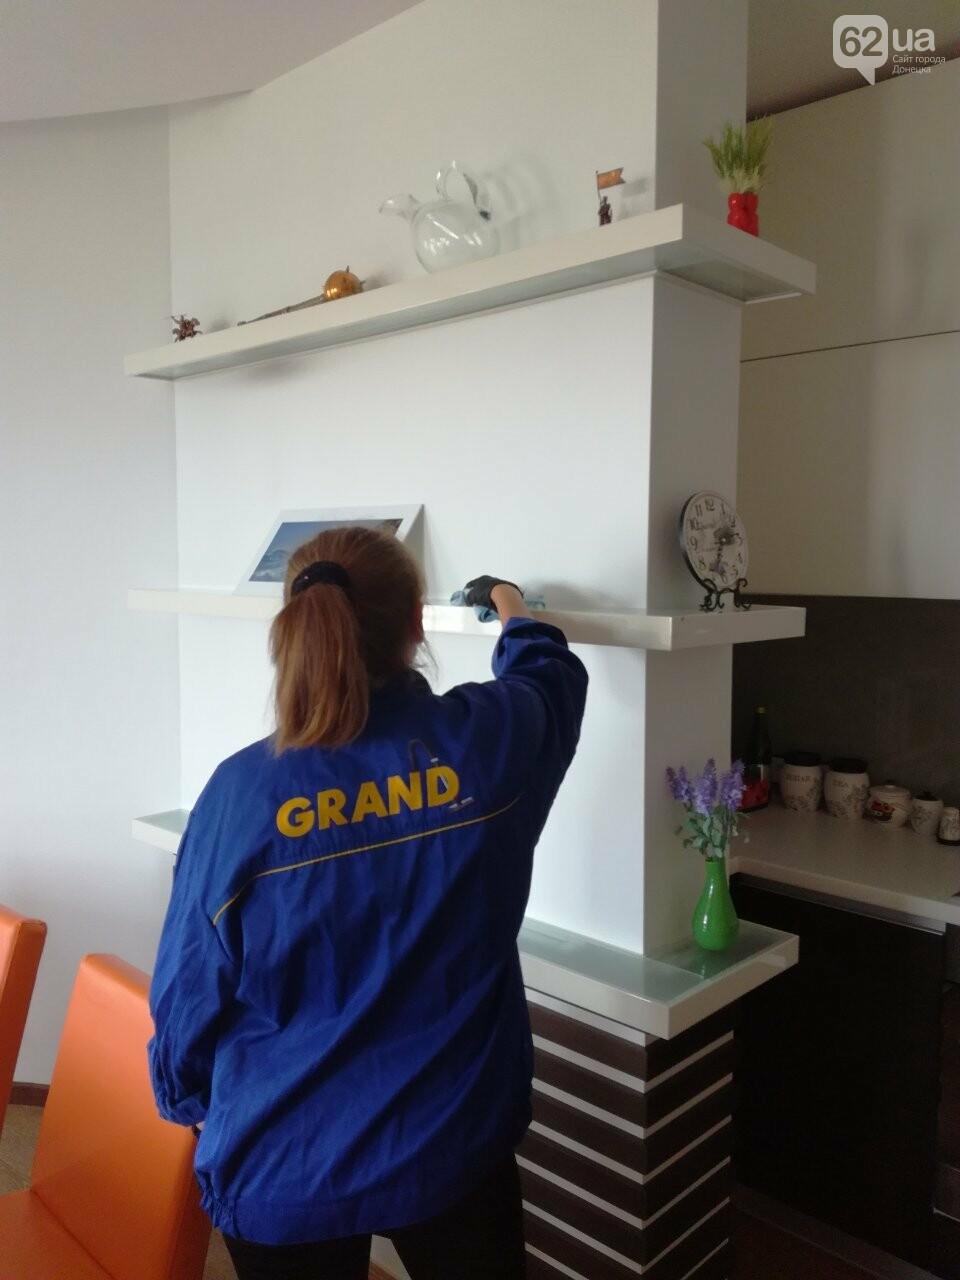 Профессиональная уборка квартир в Киеве – быстро, качественно, доступно, фото-1